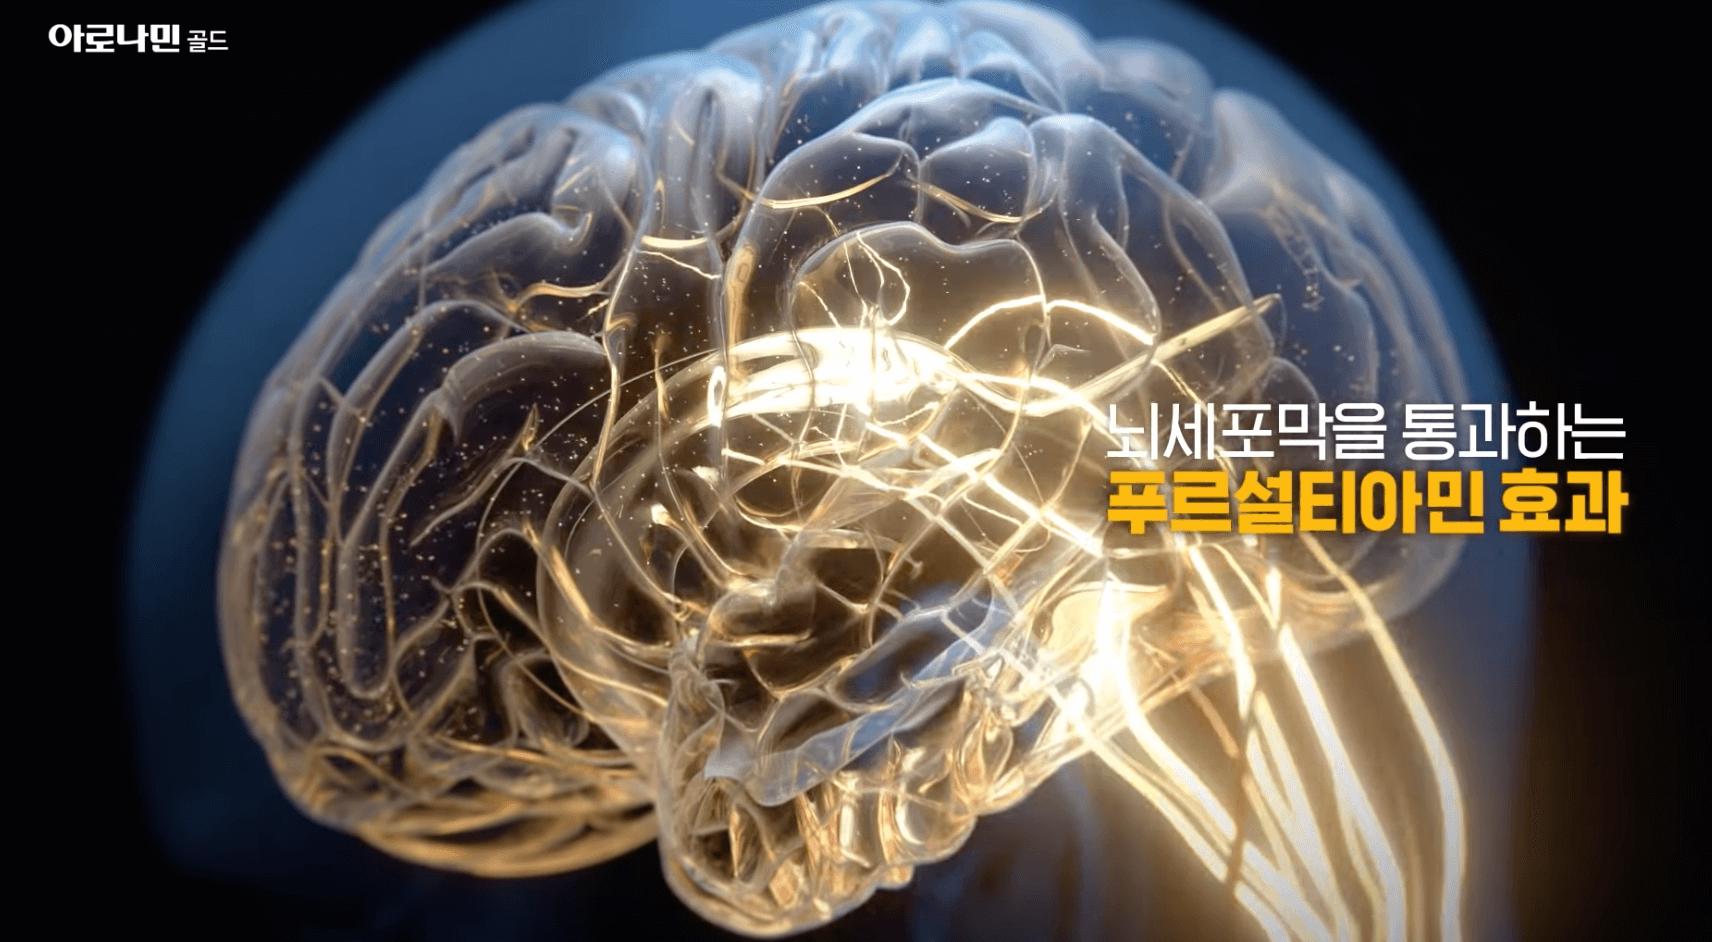 피로회복-아로나민-효과